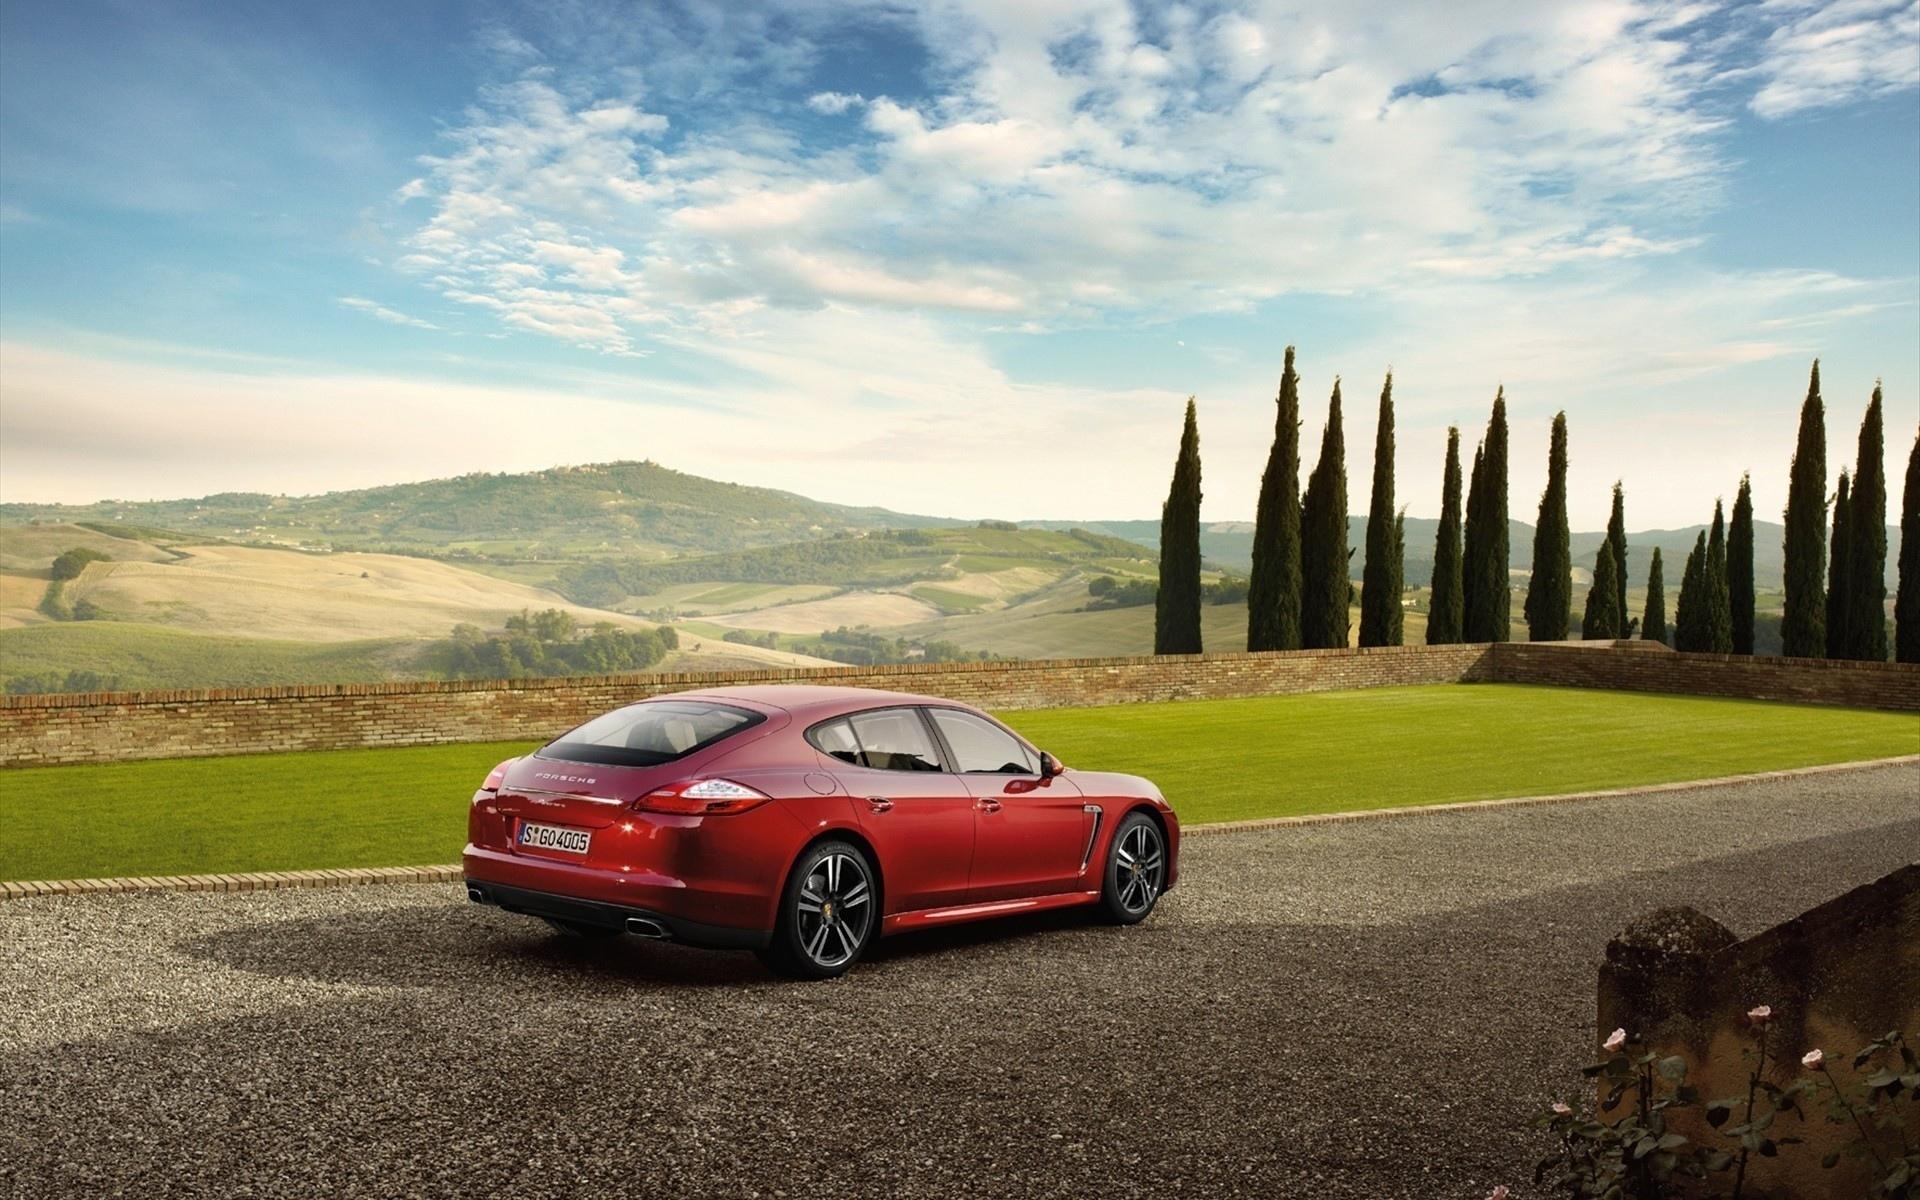 Porsche Panamera дорога скорость без смс